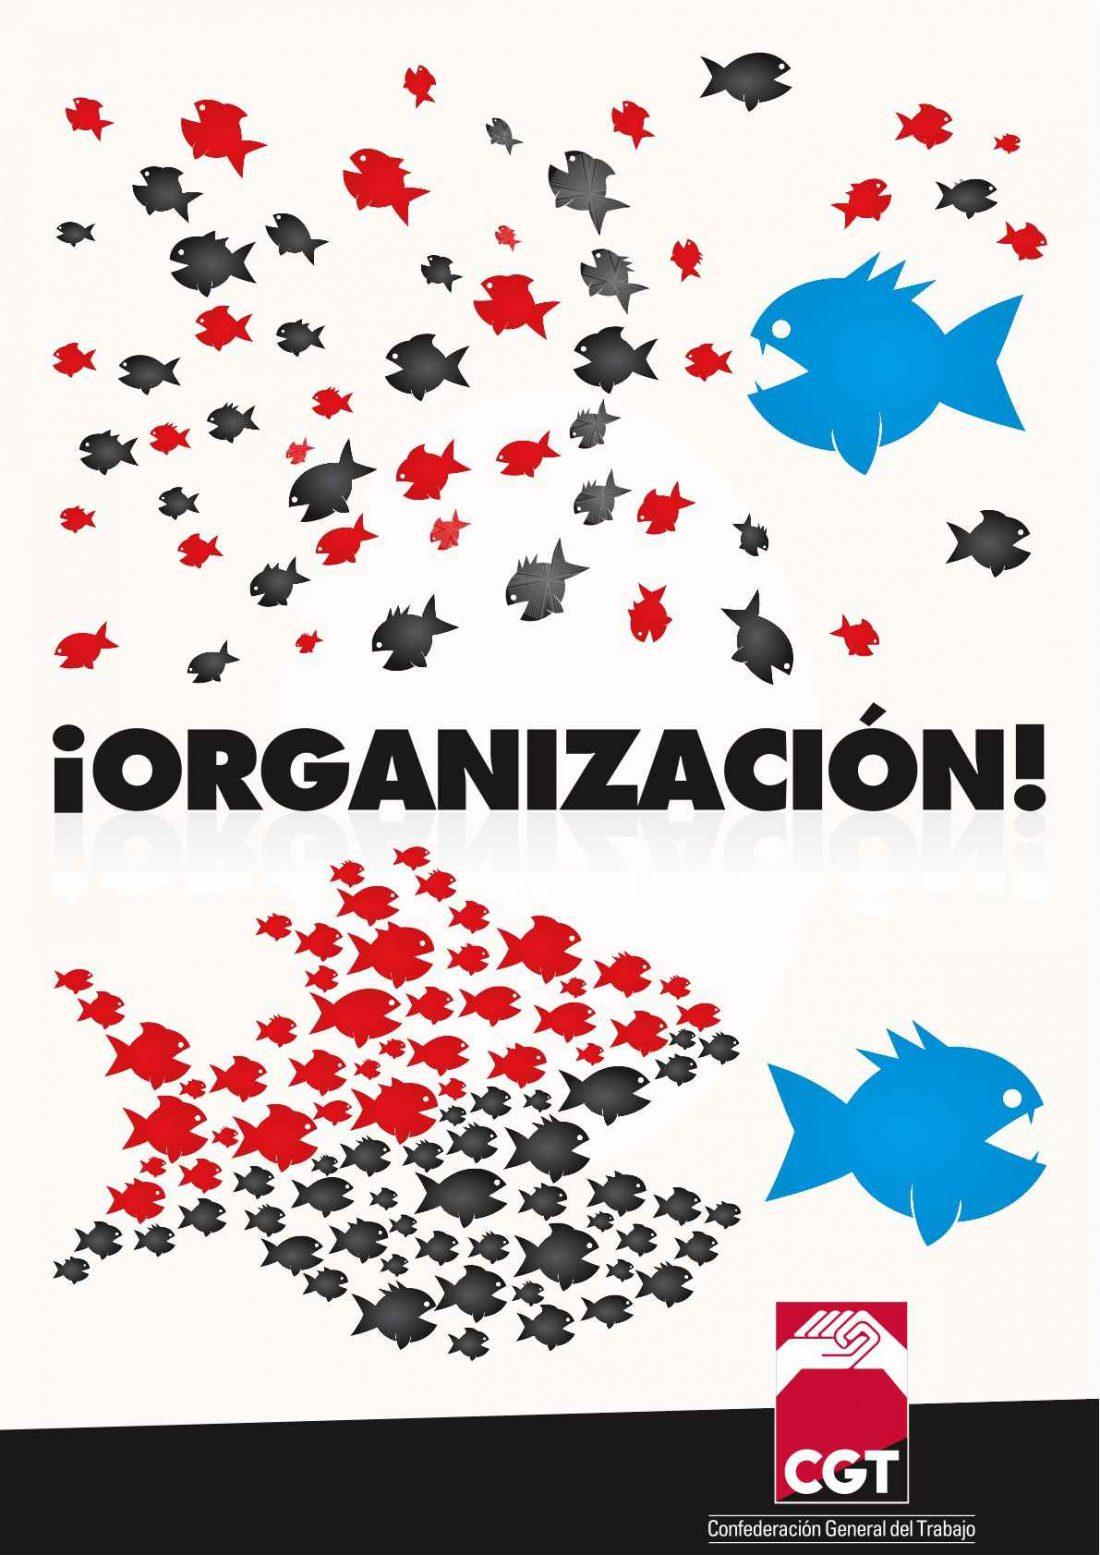 Elecciones sindicales en Cauchos Karey (Agost, Alicante). CGT obtiene 4 delegados de los 5 posibles